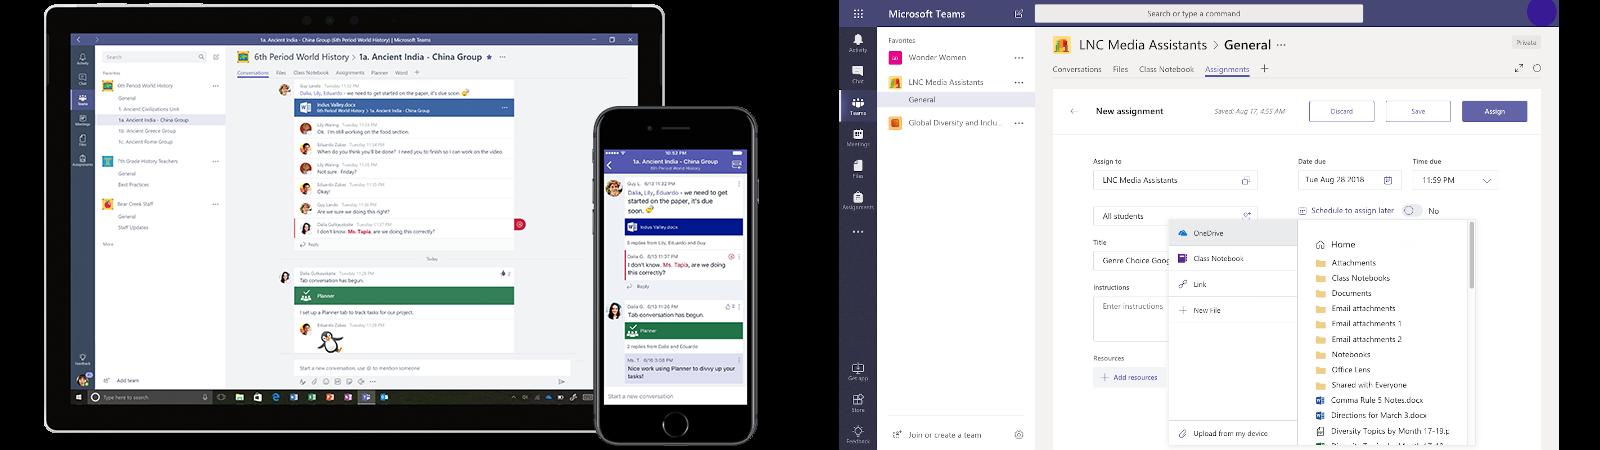 Zwei Screenshots zeigen die Anwendung Microsoft Teams